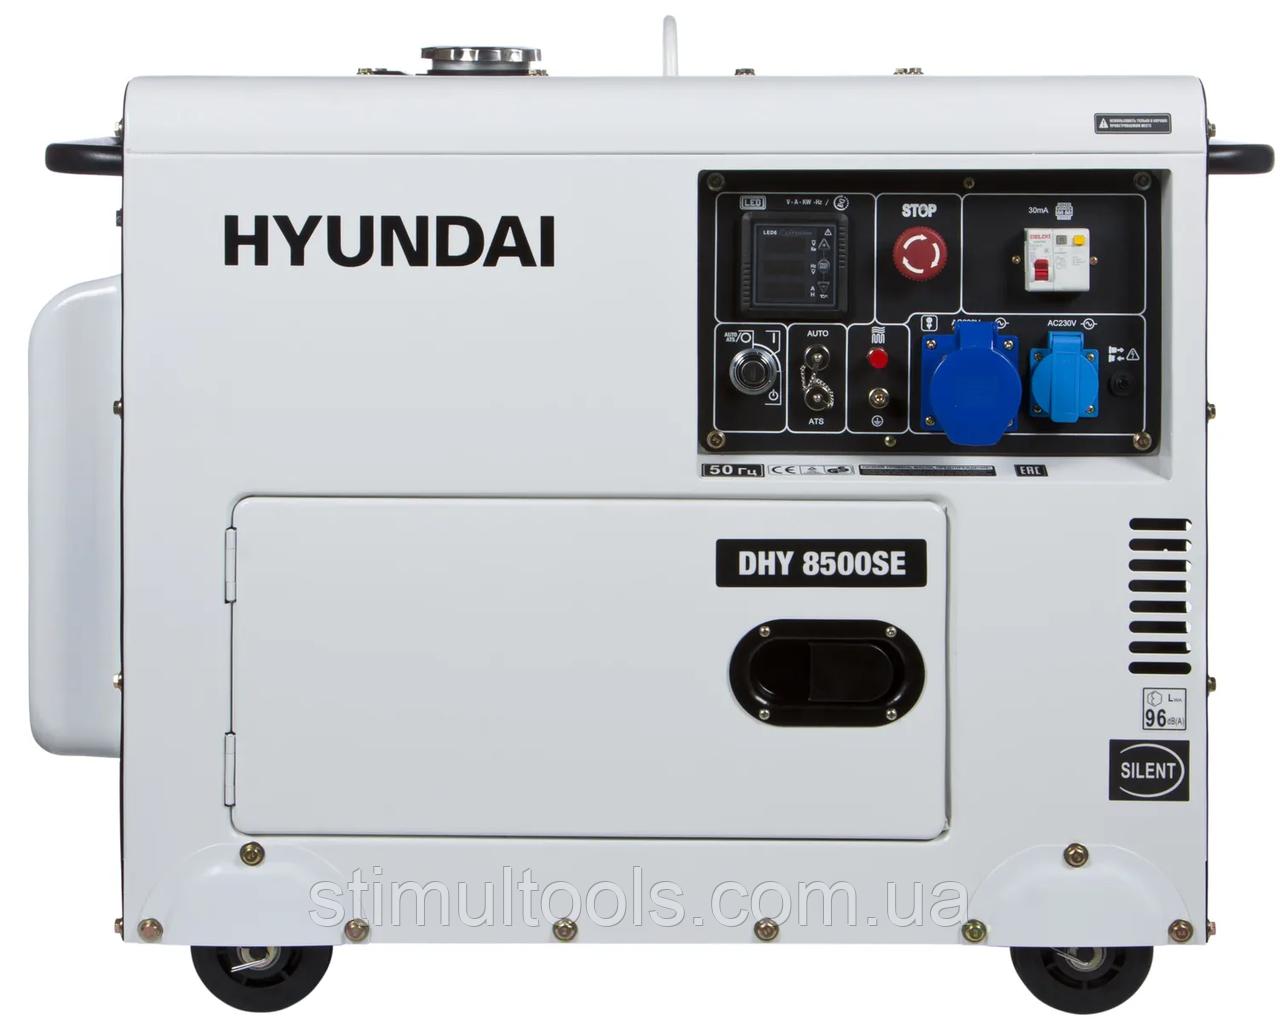 Генератор дизельний Hyundai DHY 8500SE. Безкоштовна доставка по Україні!